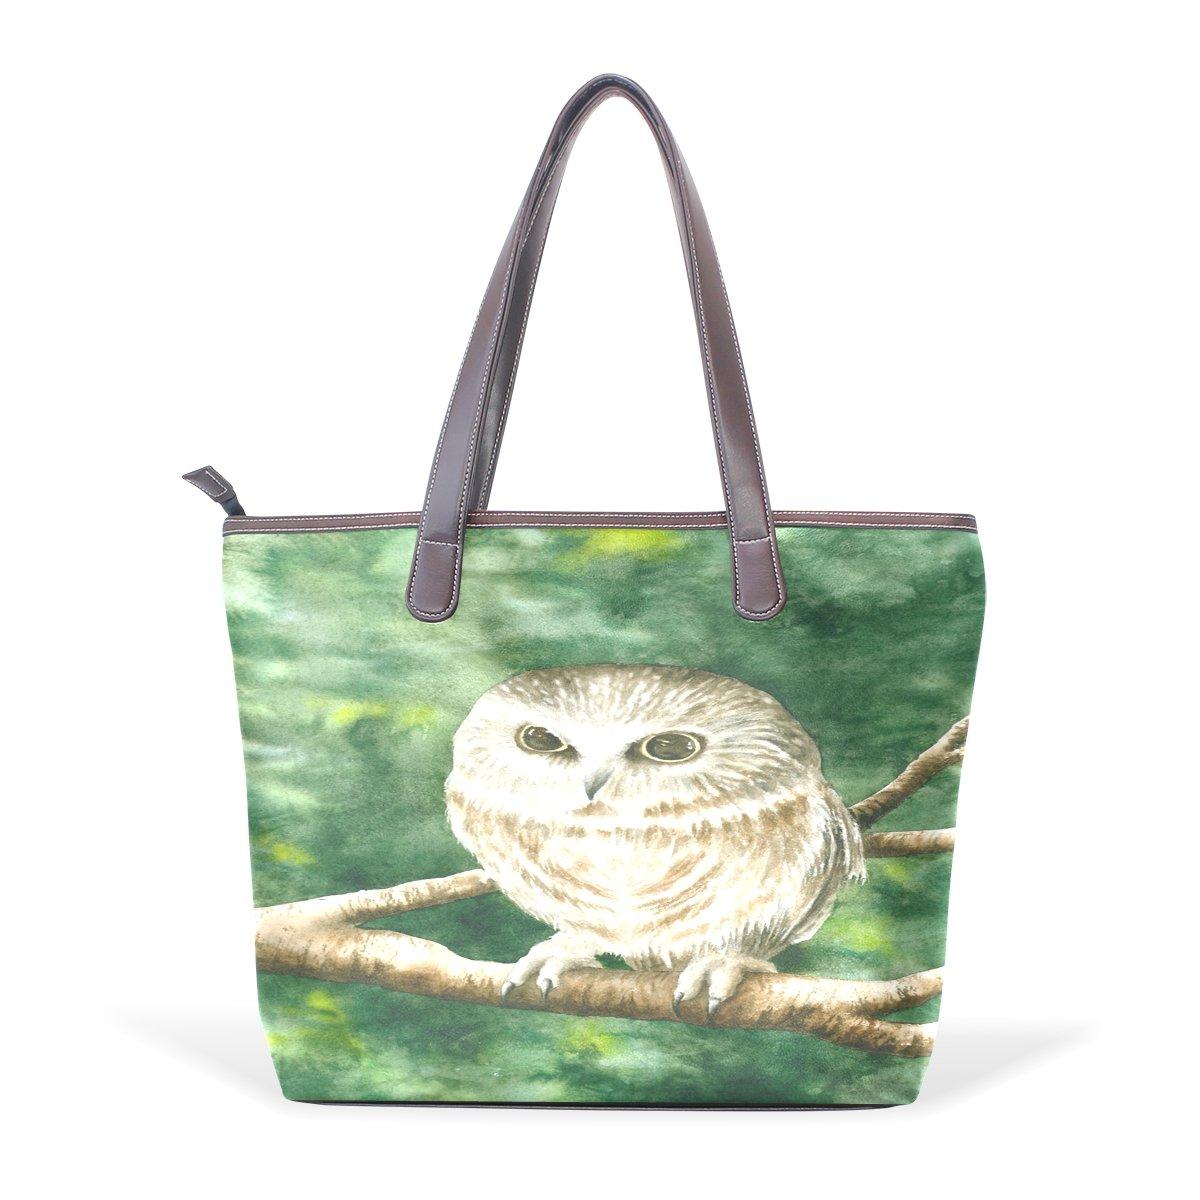 Mr.Weng Household Owl Lady Handbag Tote Bag Zipper Shoulder Bag